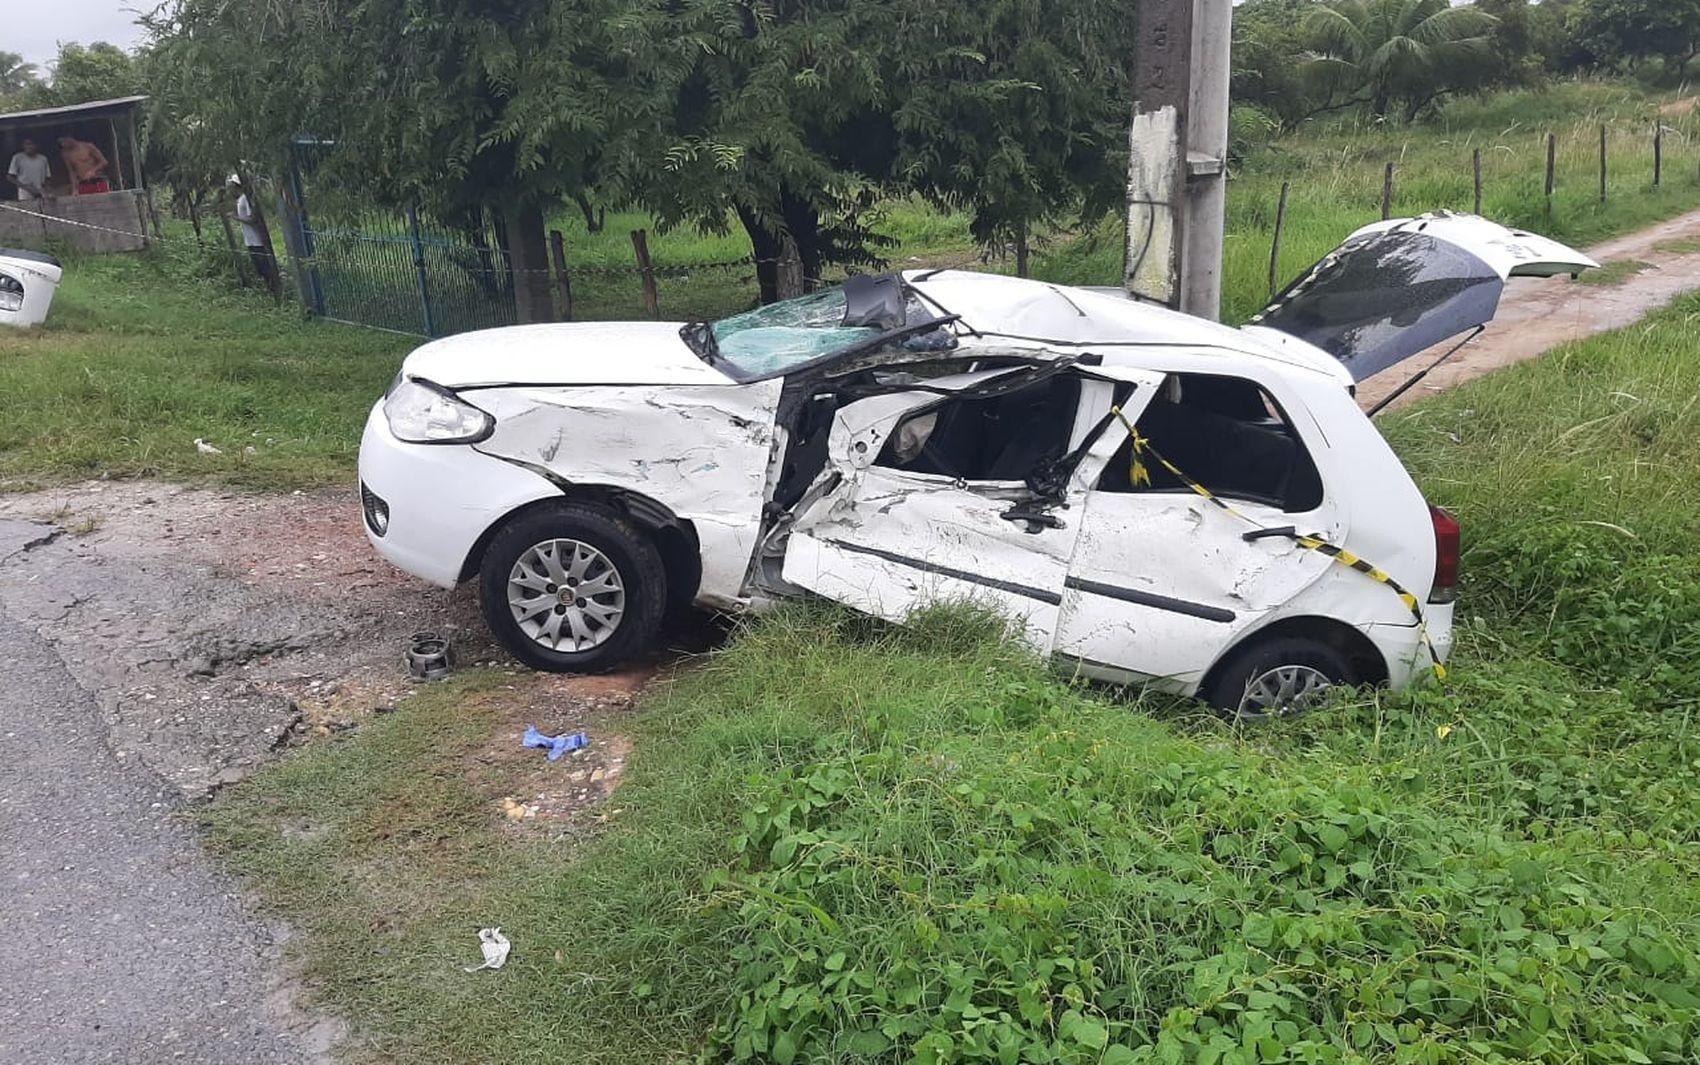 Acidente entre veículo e caminhão deixa três pessoas feridas na Barra dos Coqueiros - Notícias - Plantão Diário